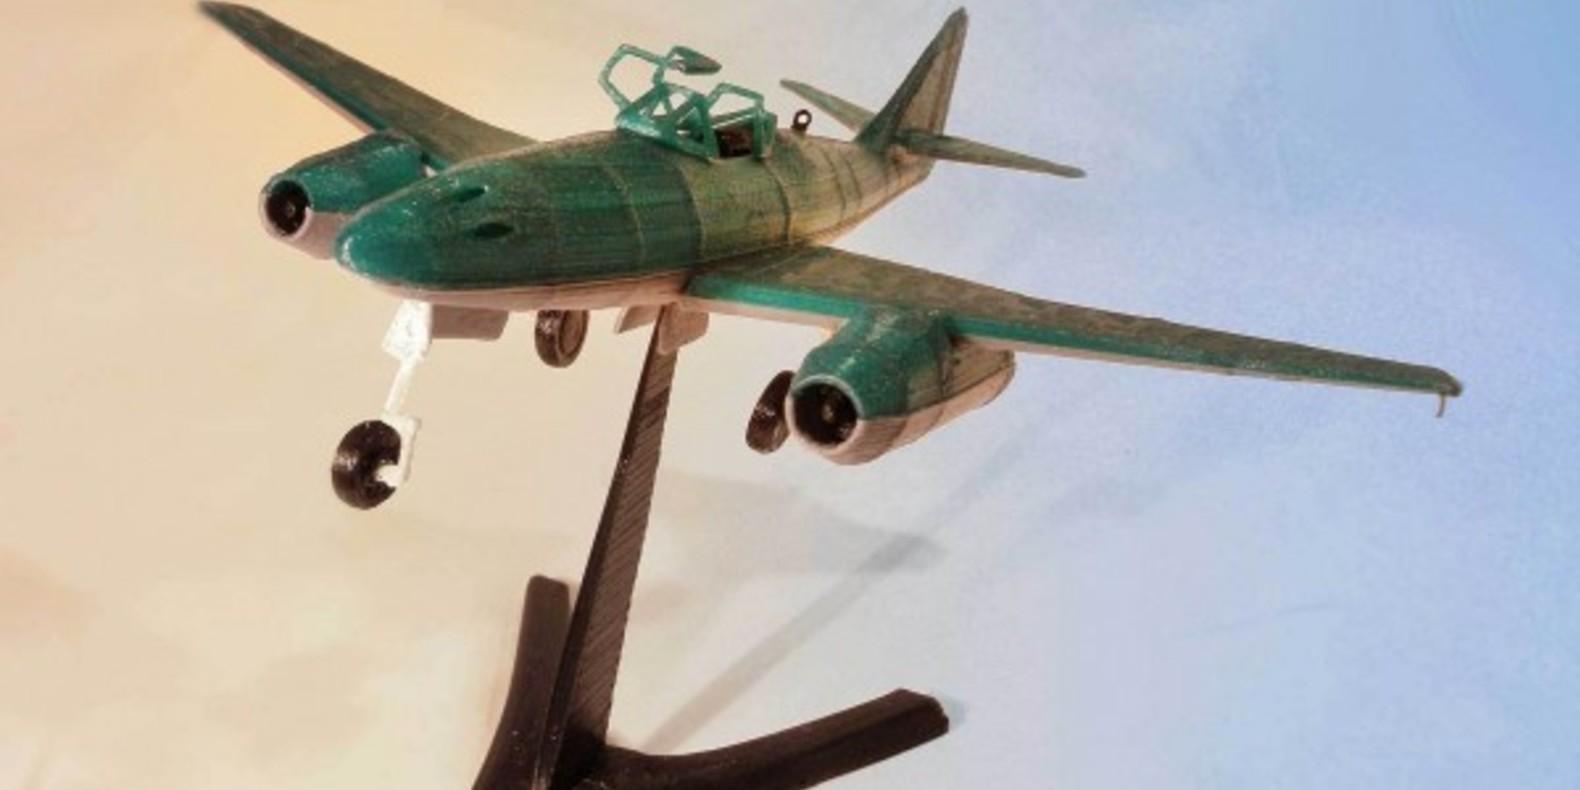 http://fichier3d.fr/wp-content/uploads/2015/01/Messerschmitt-ME-262-2-Mao-Casella-Cults-e1421754275430.jpg